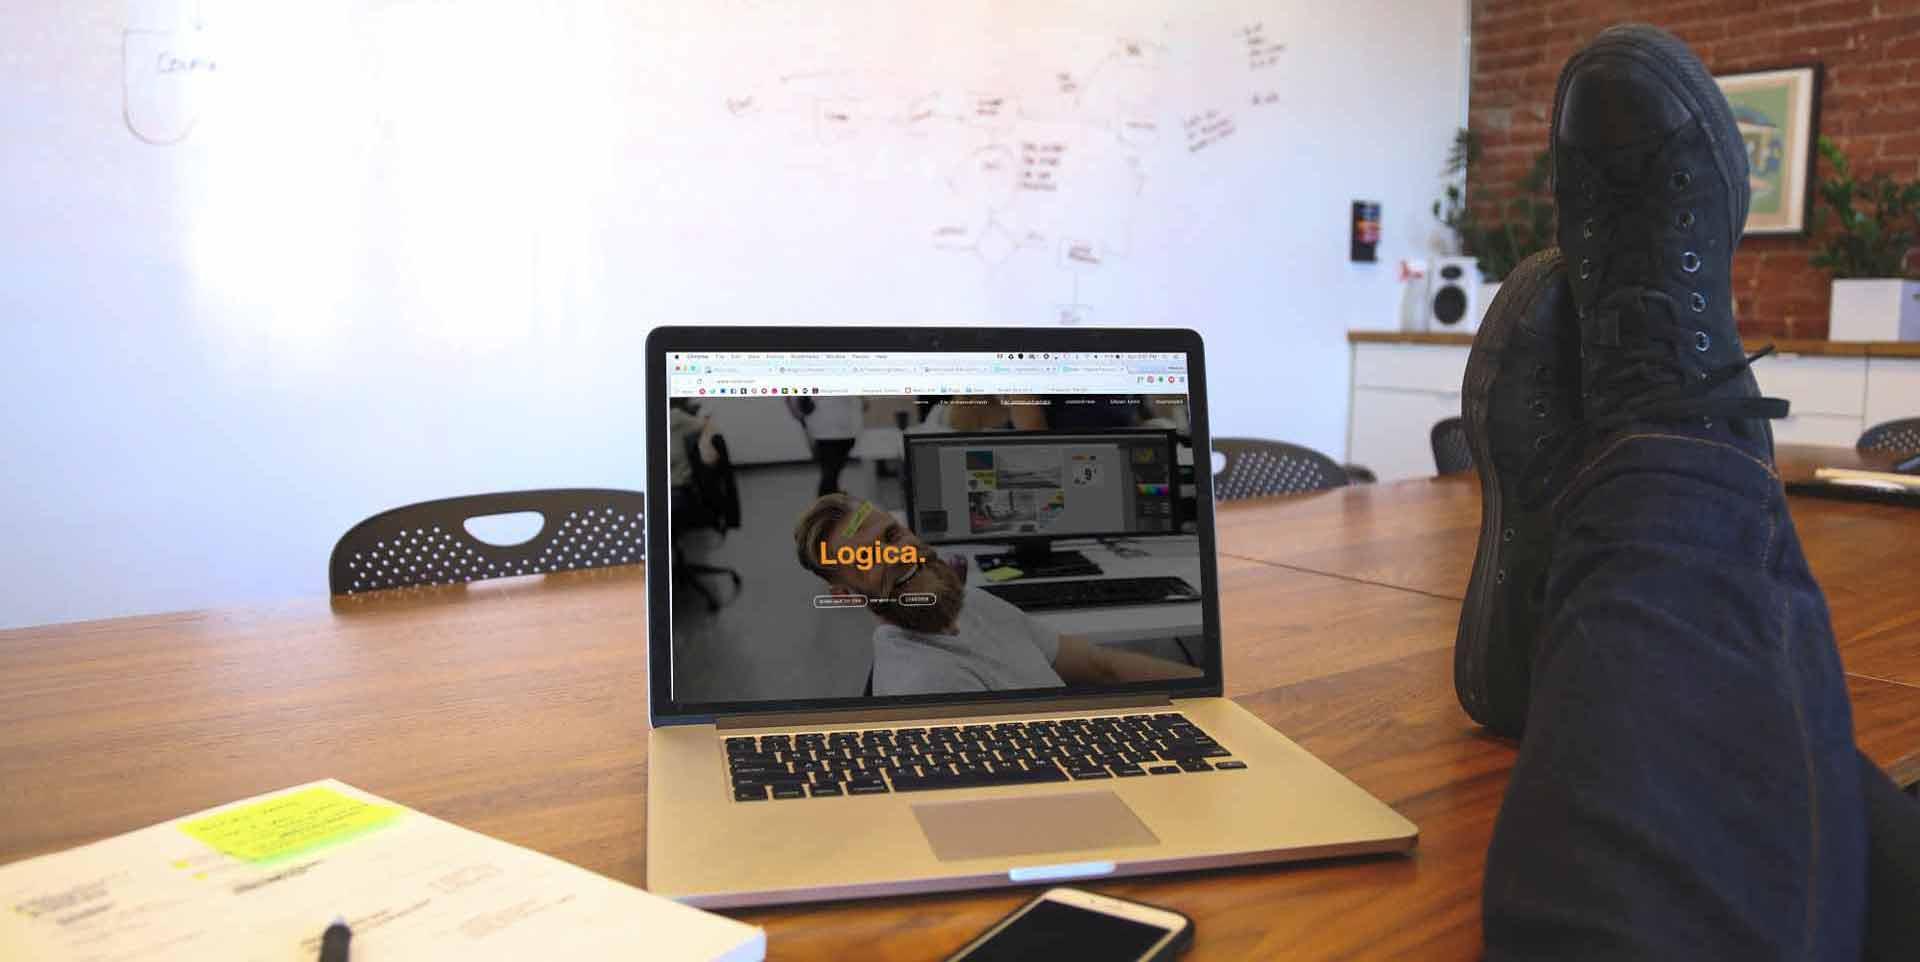 laptop-auf-tisch-mit-logica-seite.jpg